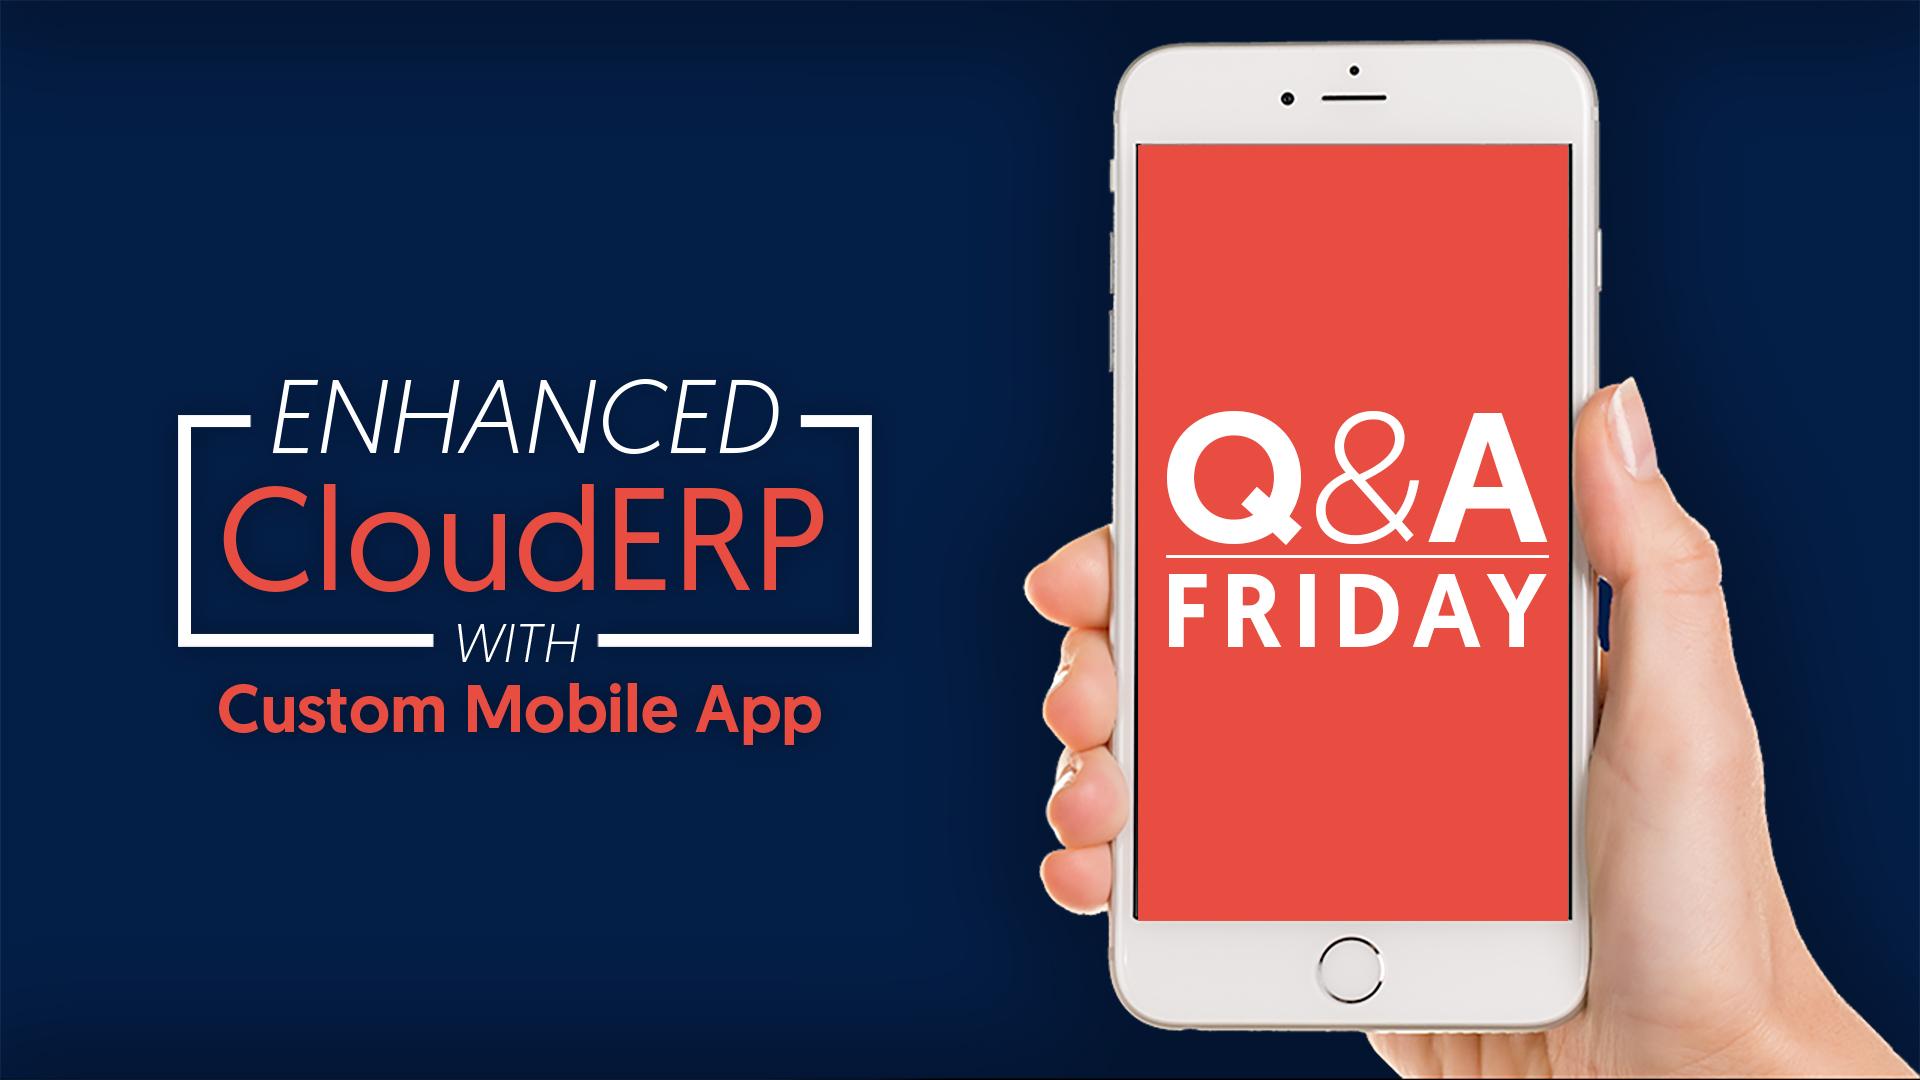 Q&A-Tony-Mobile-App_1920x1080